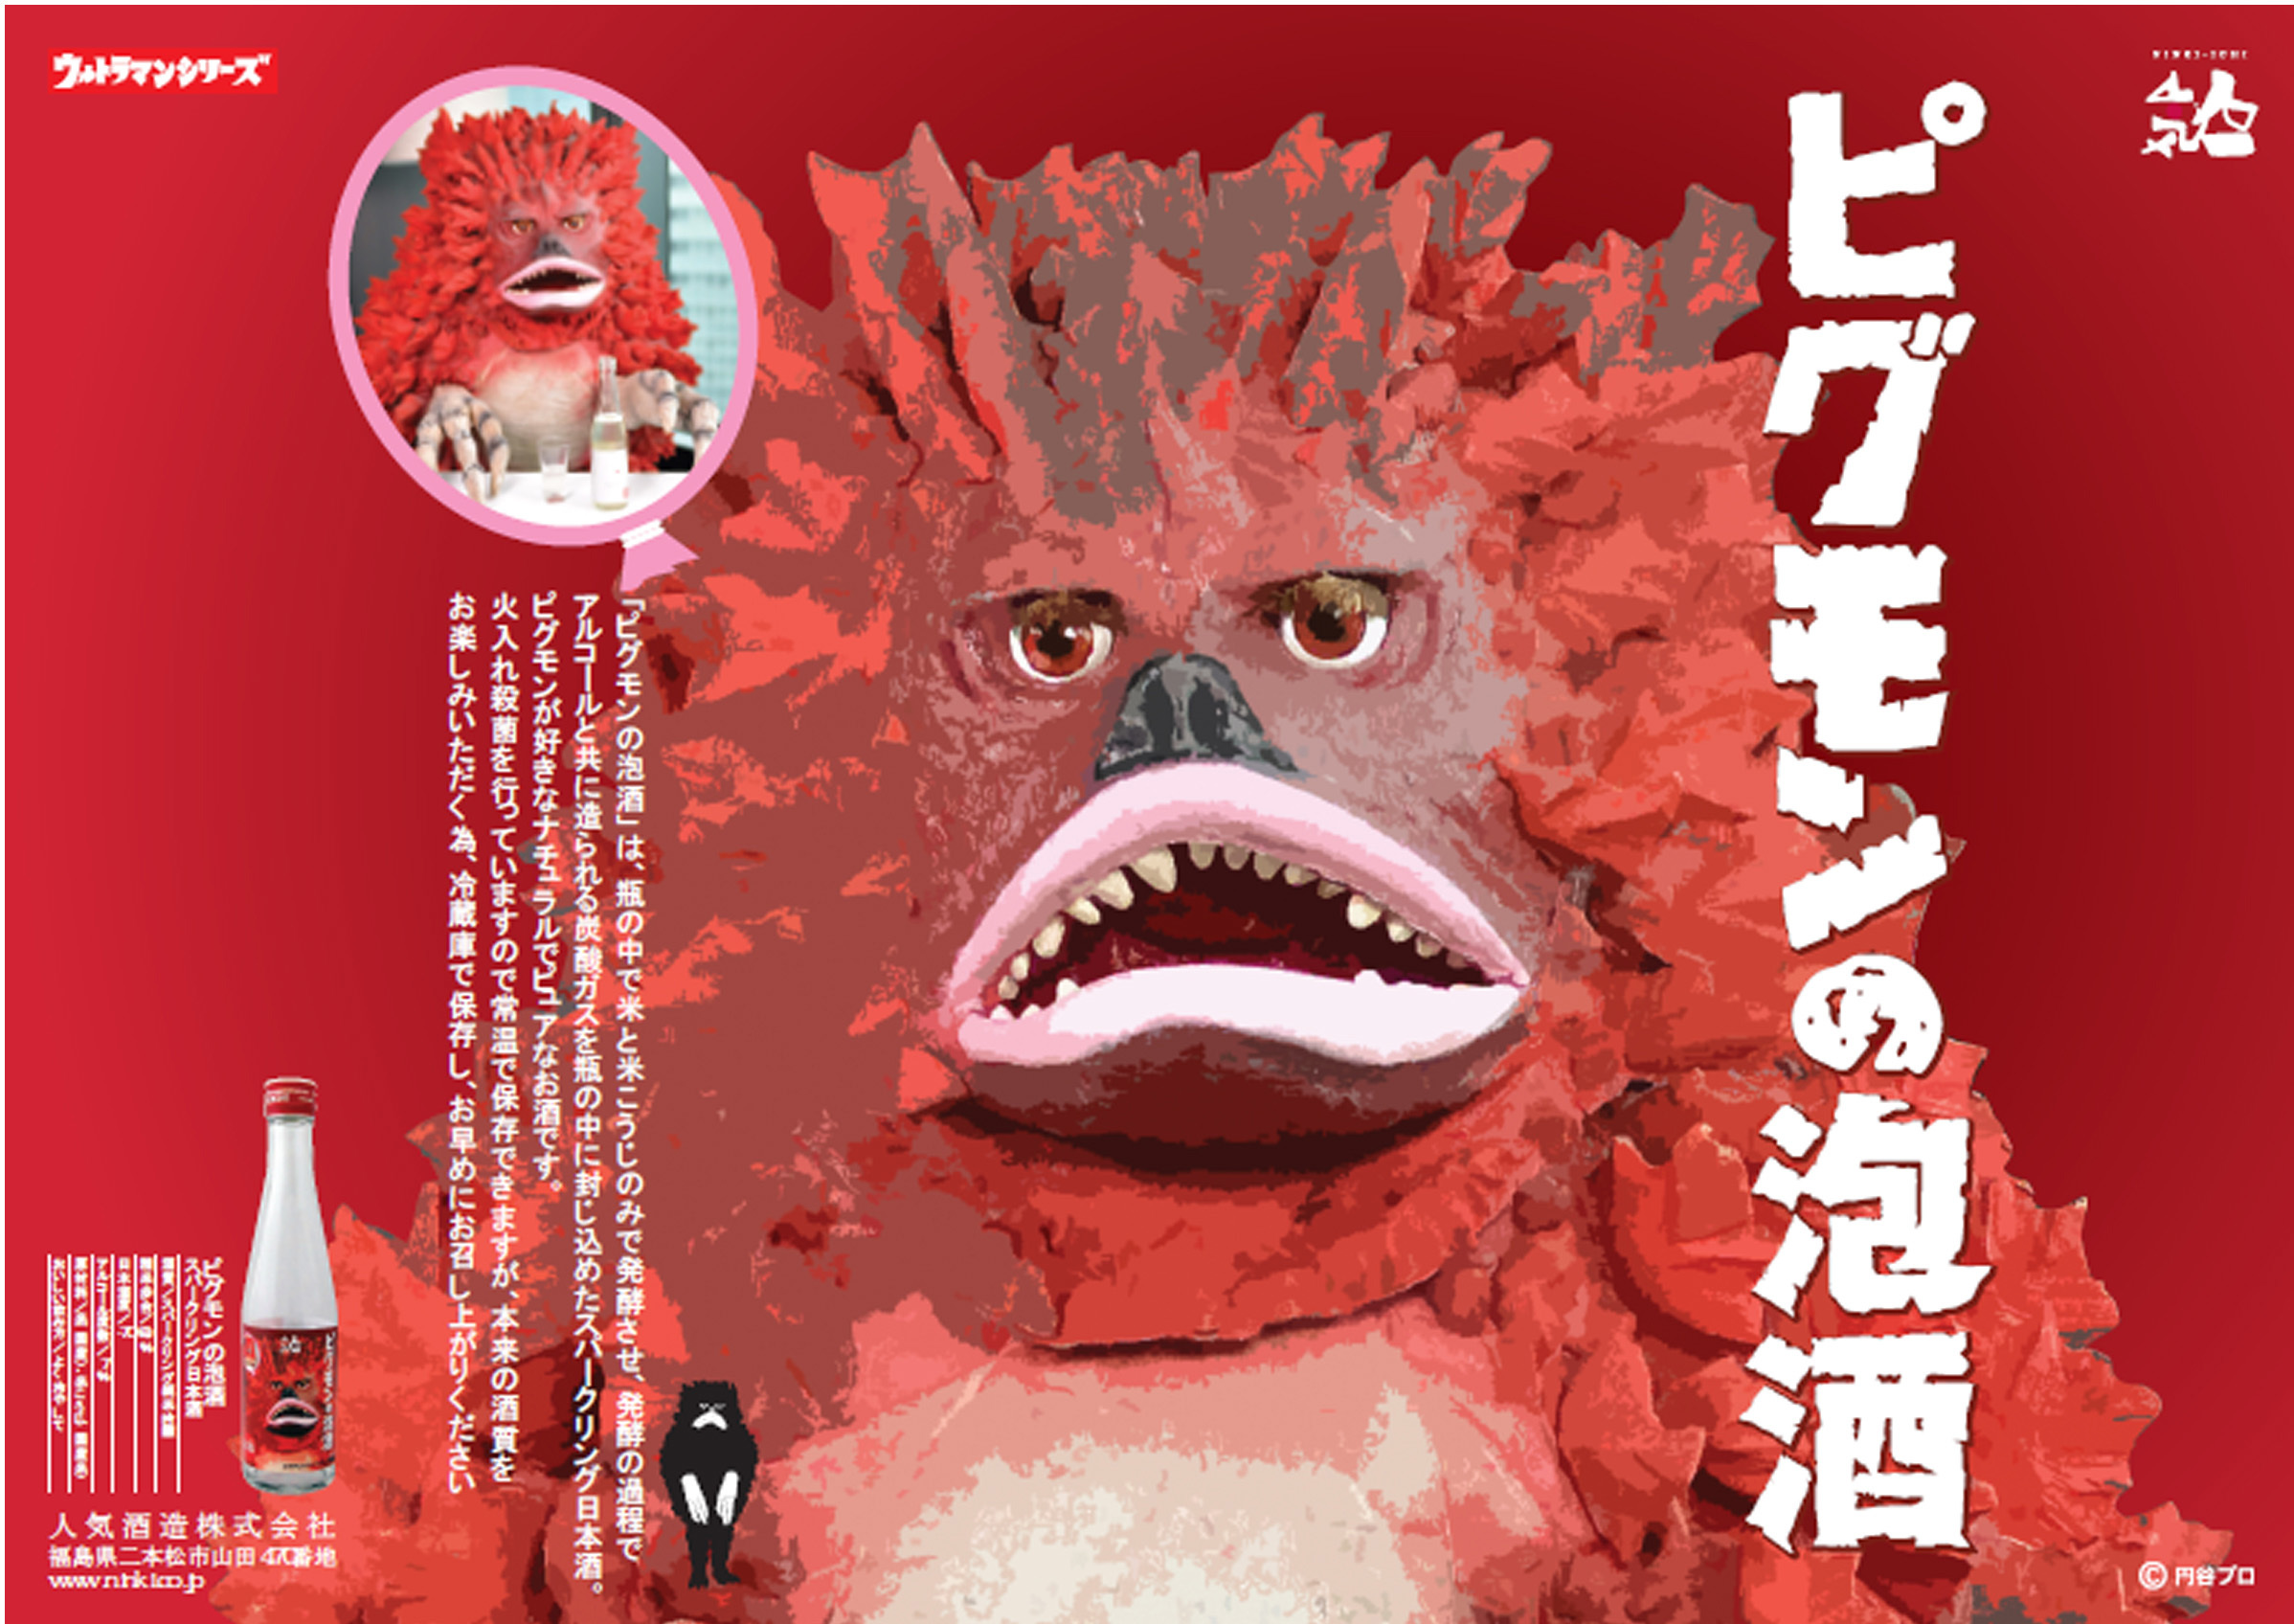 「日本の普通は世界のすごい! 福島の酒蔵・人気酒造に酒文化を聞く」(後編)千葉麗子×遊佐勇人(人気酒造社長)×倉山満